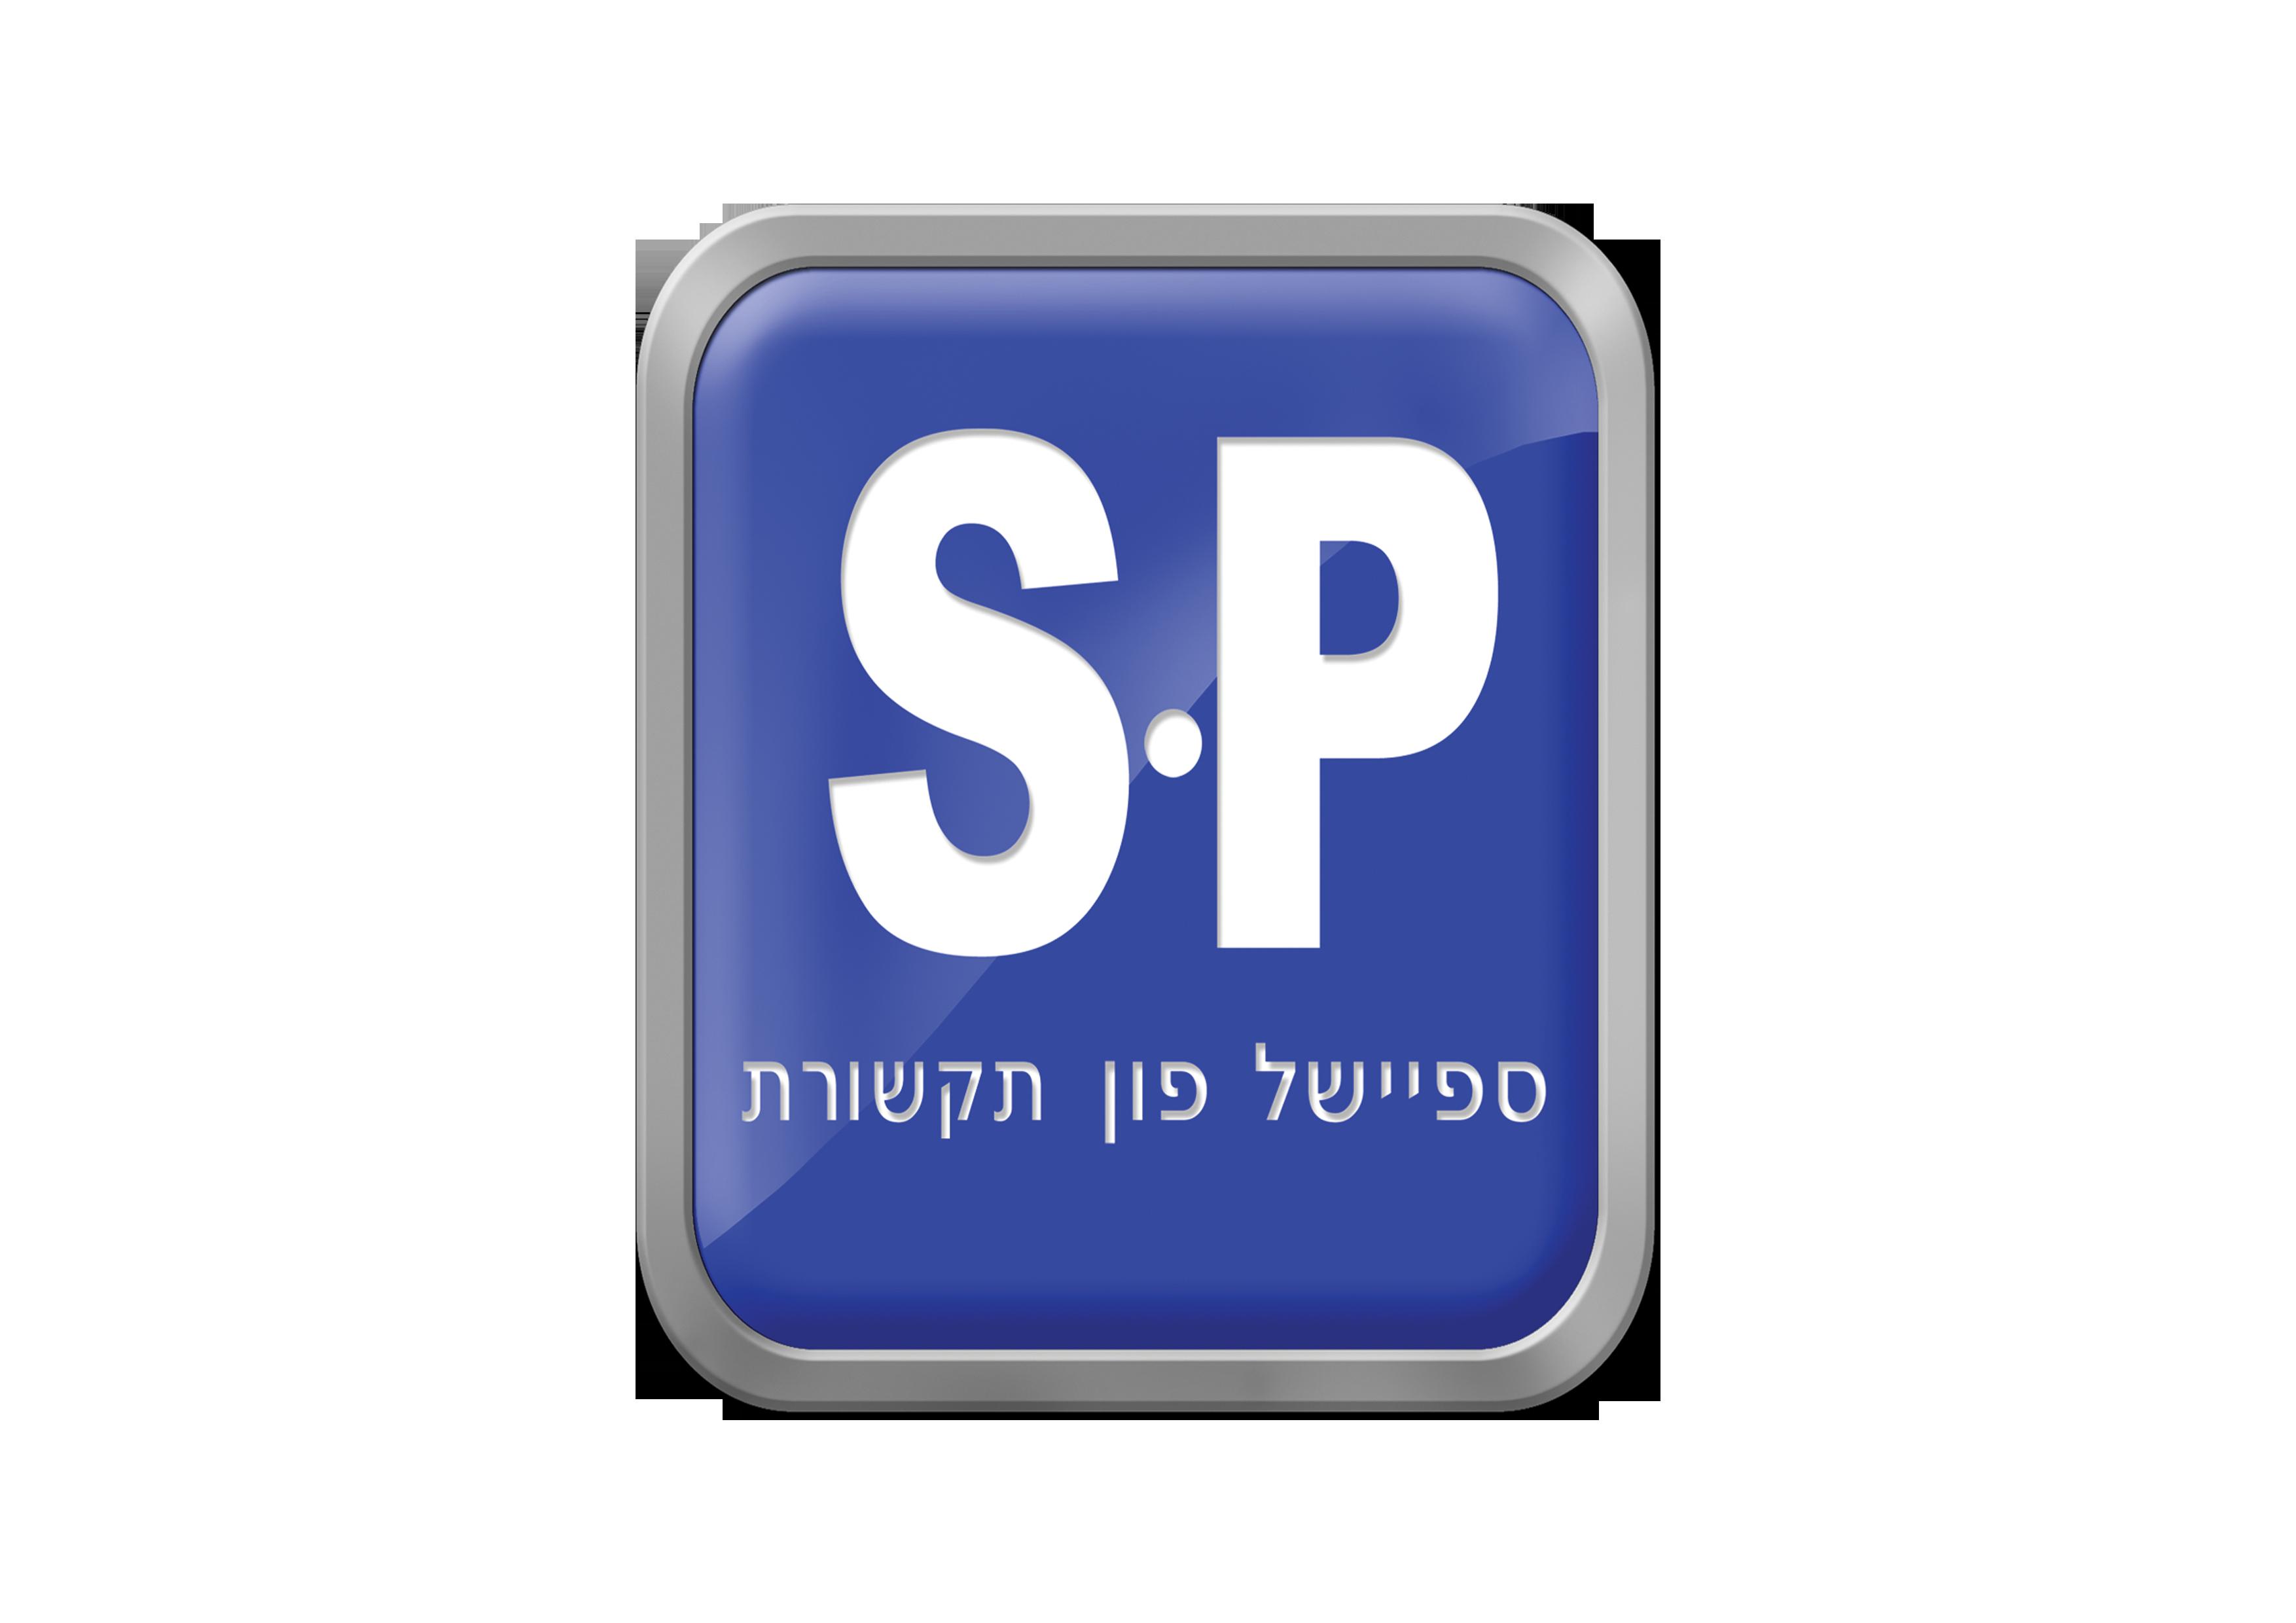 ספיישל-פון תקשורת - פתוח בשבת